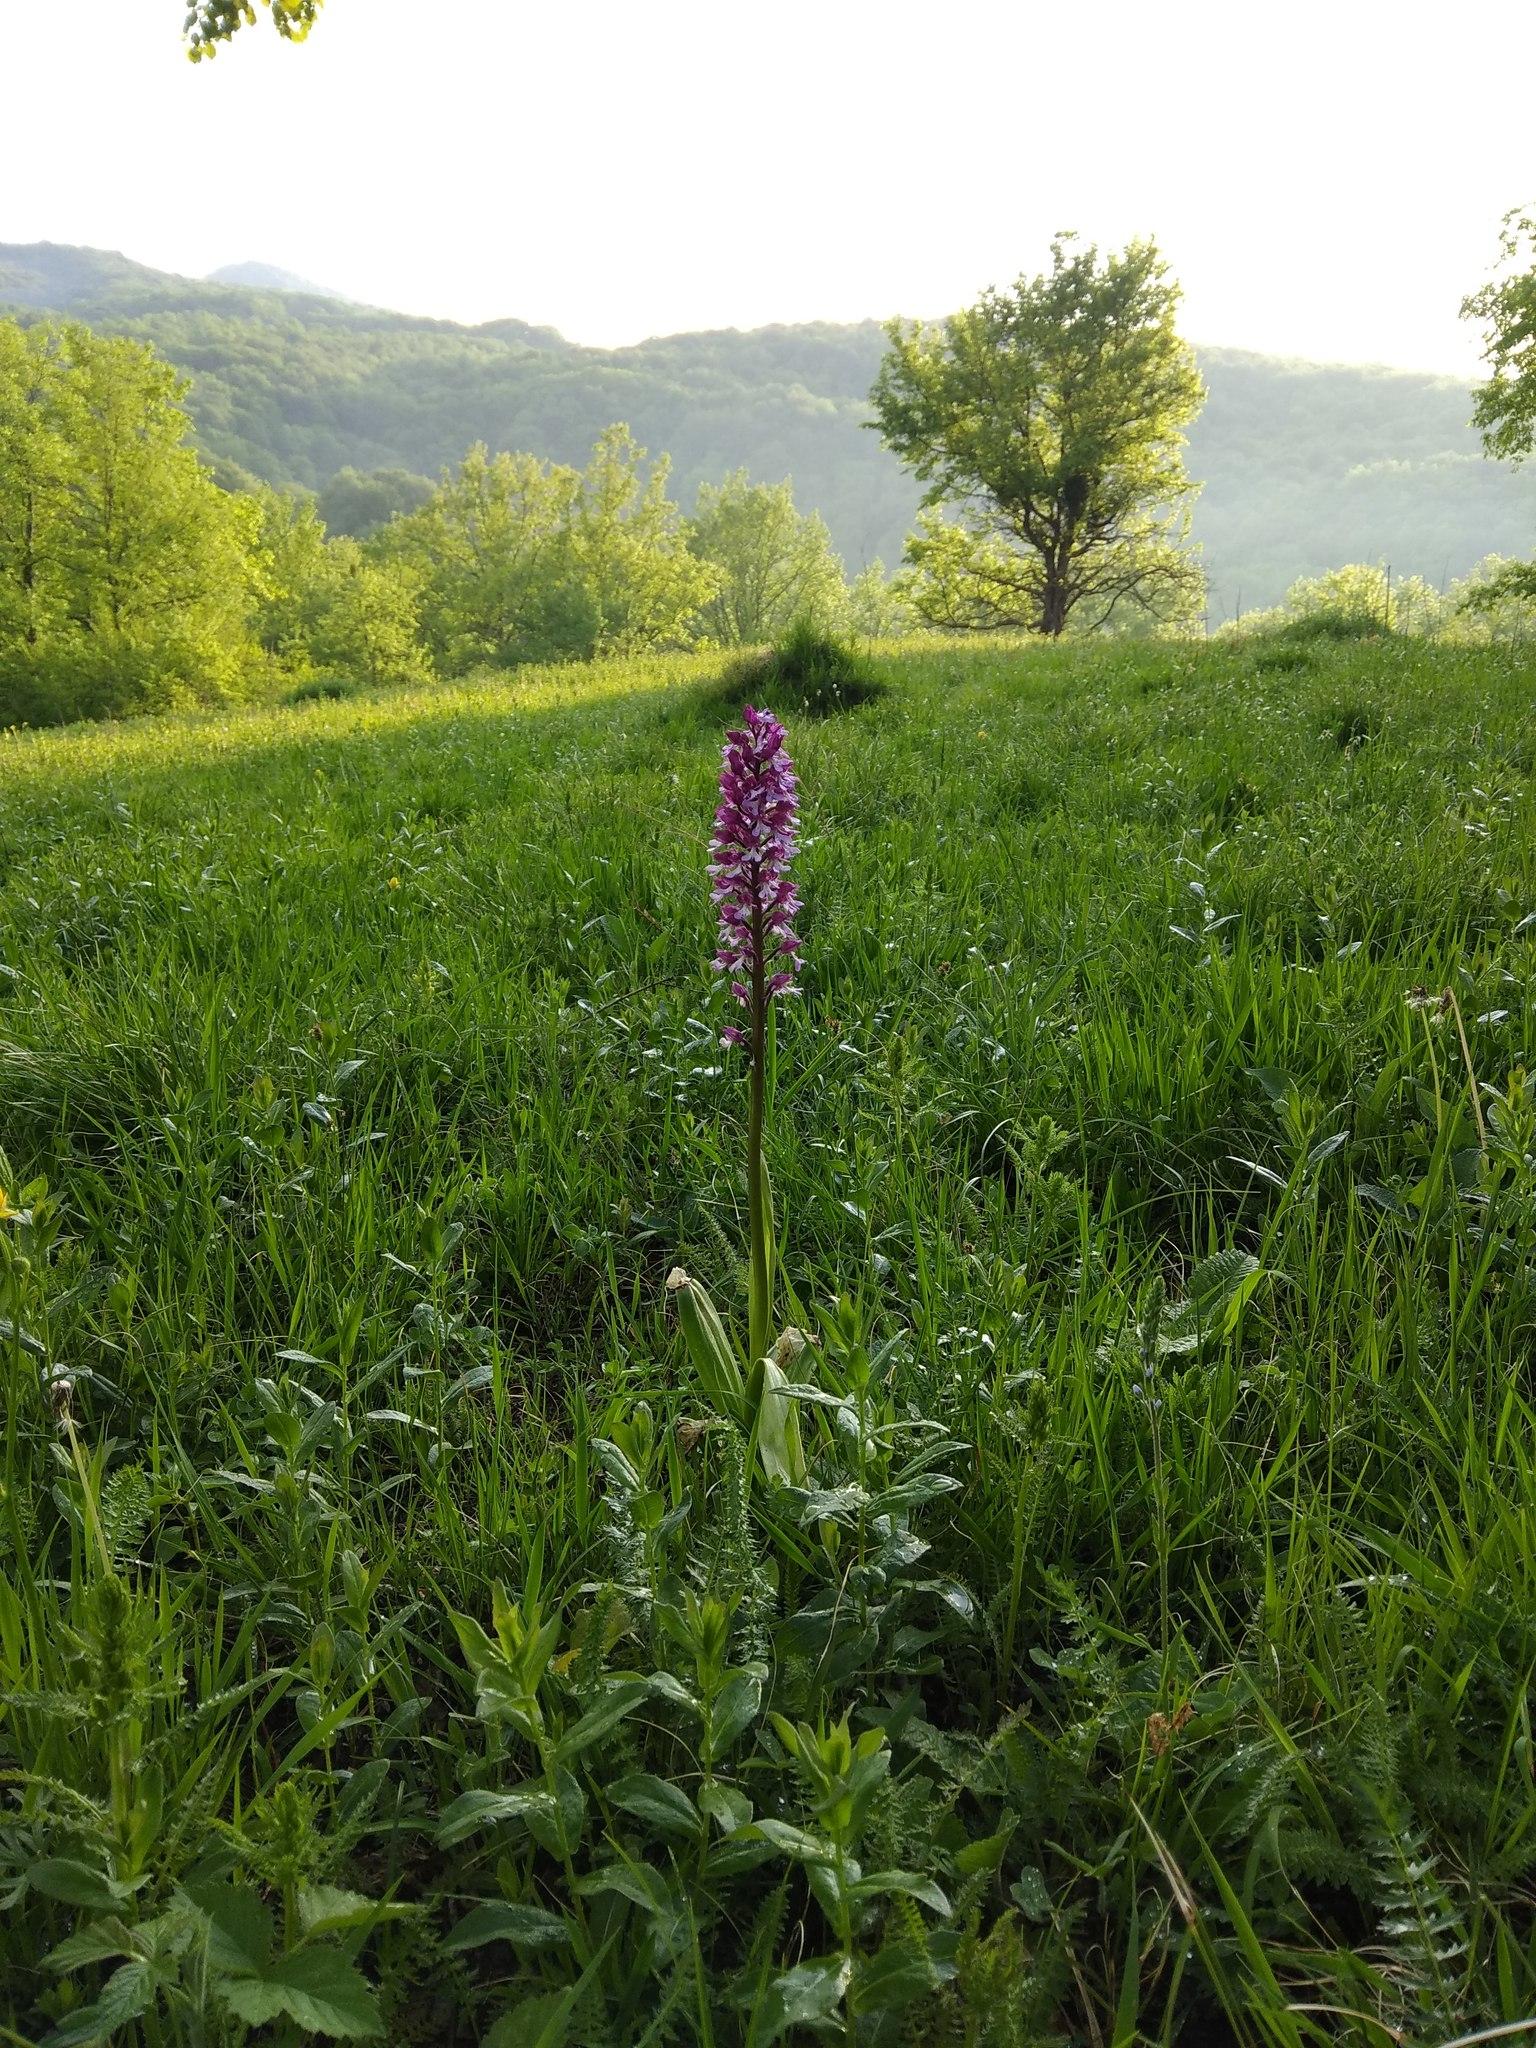 того каждый травы которые растут на лугу фото конева была красавицей